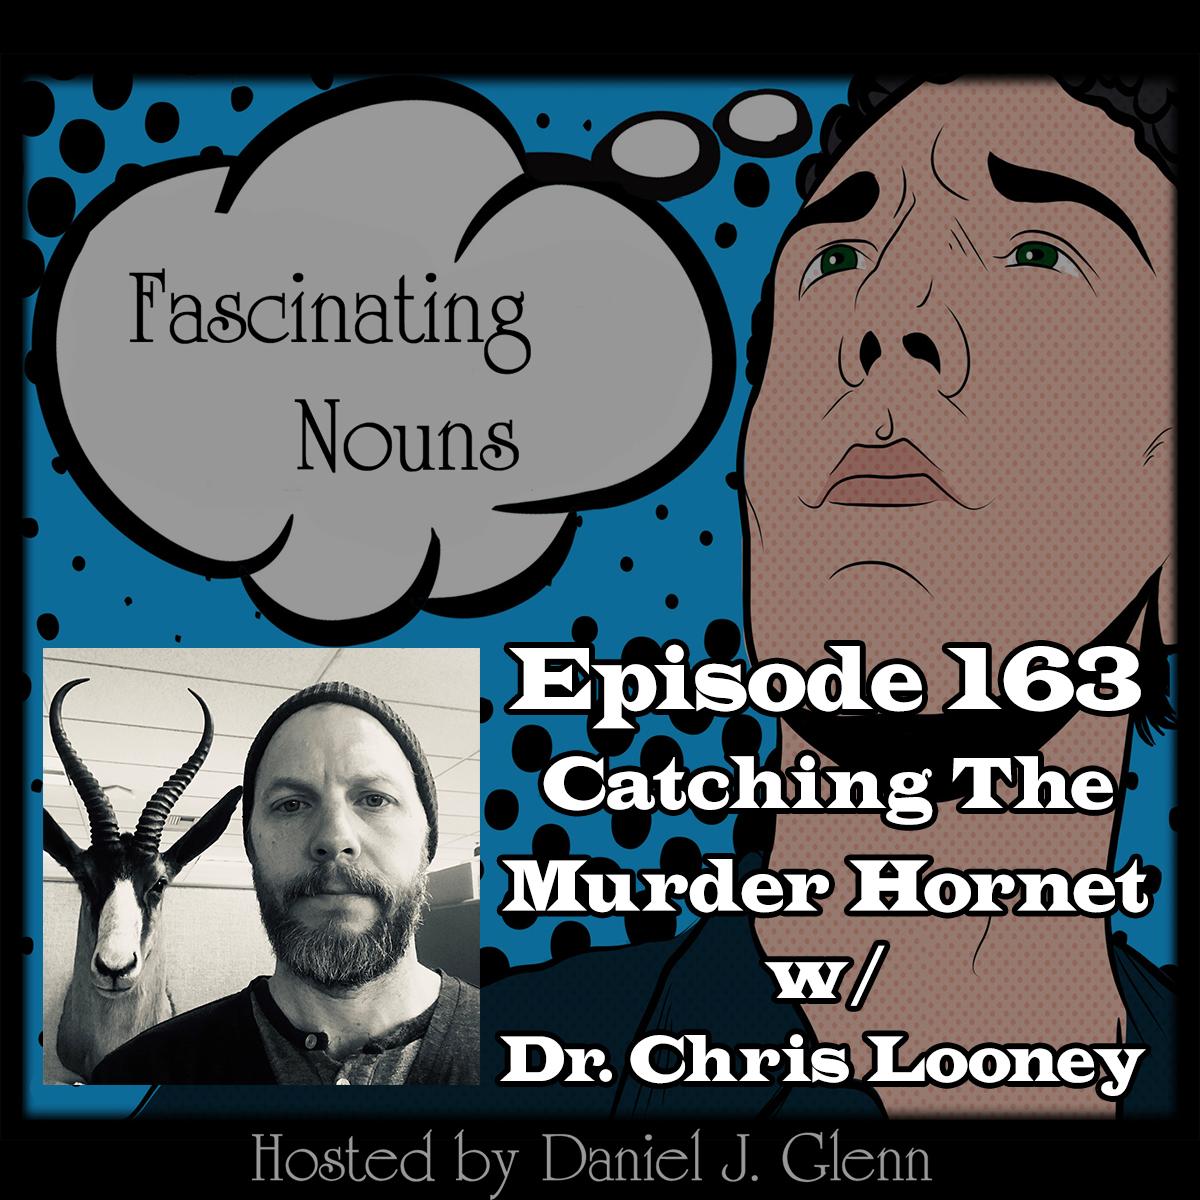 Ep. 163:  Chasing The Murder Hornet